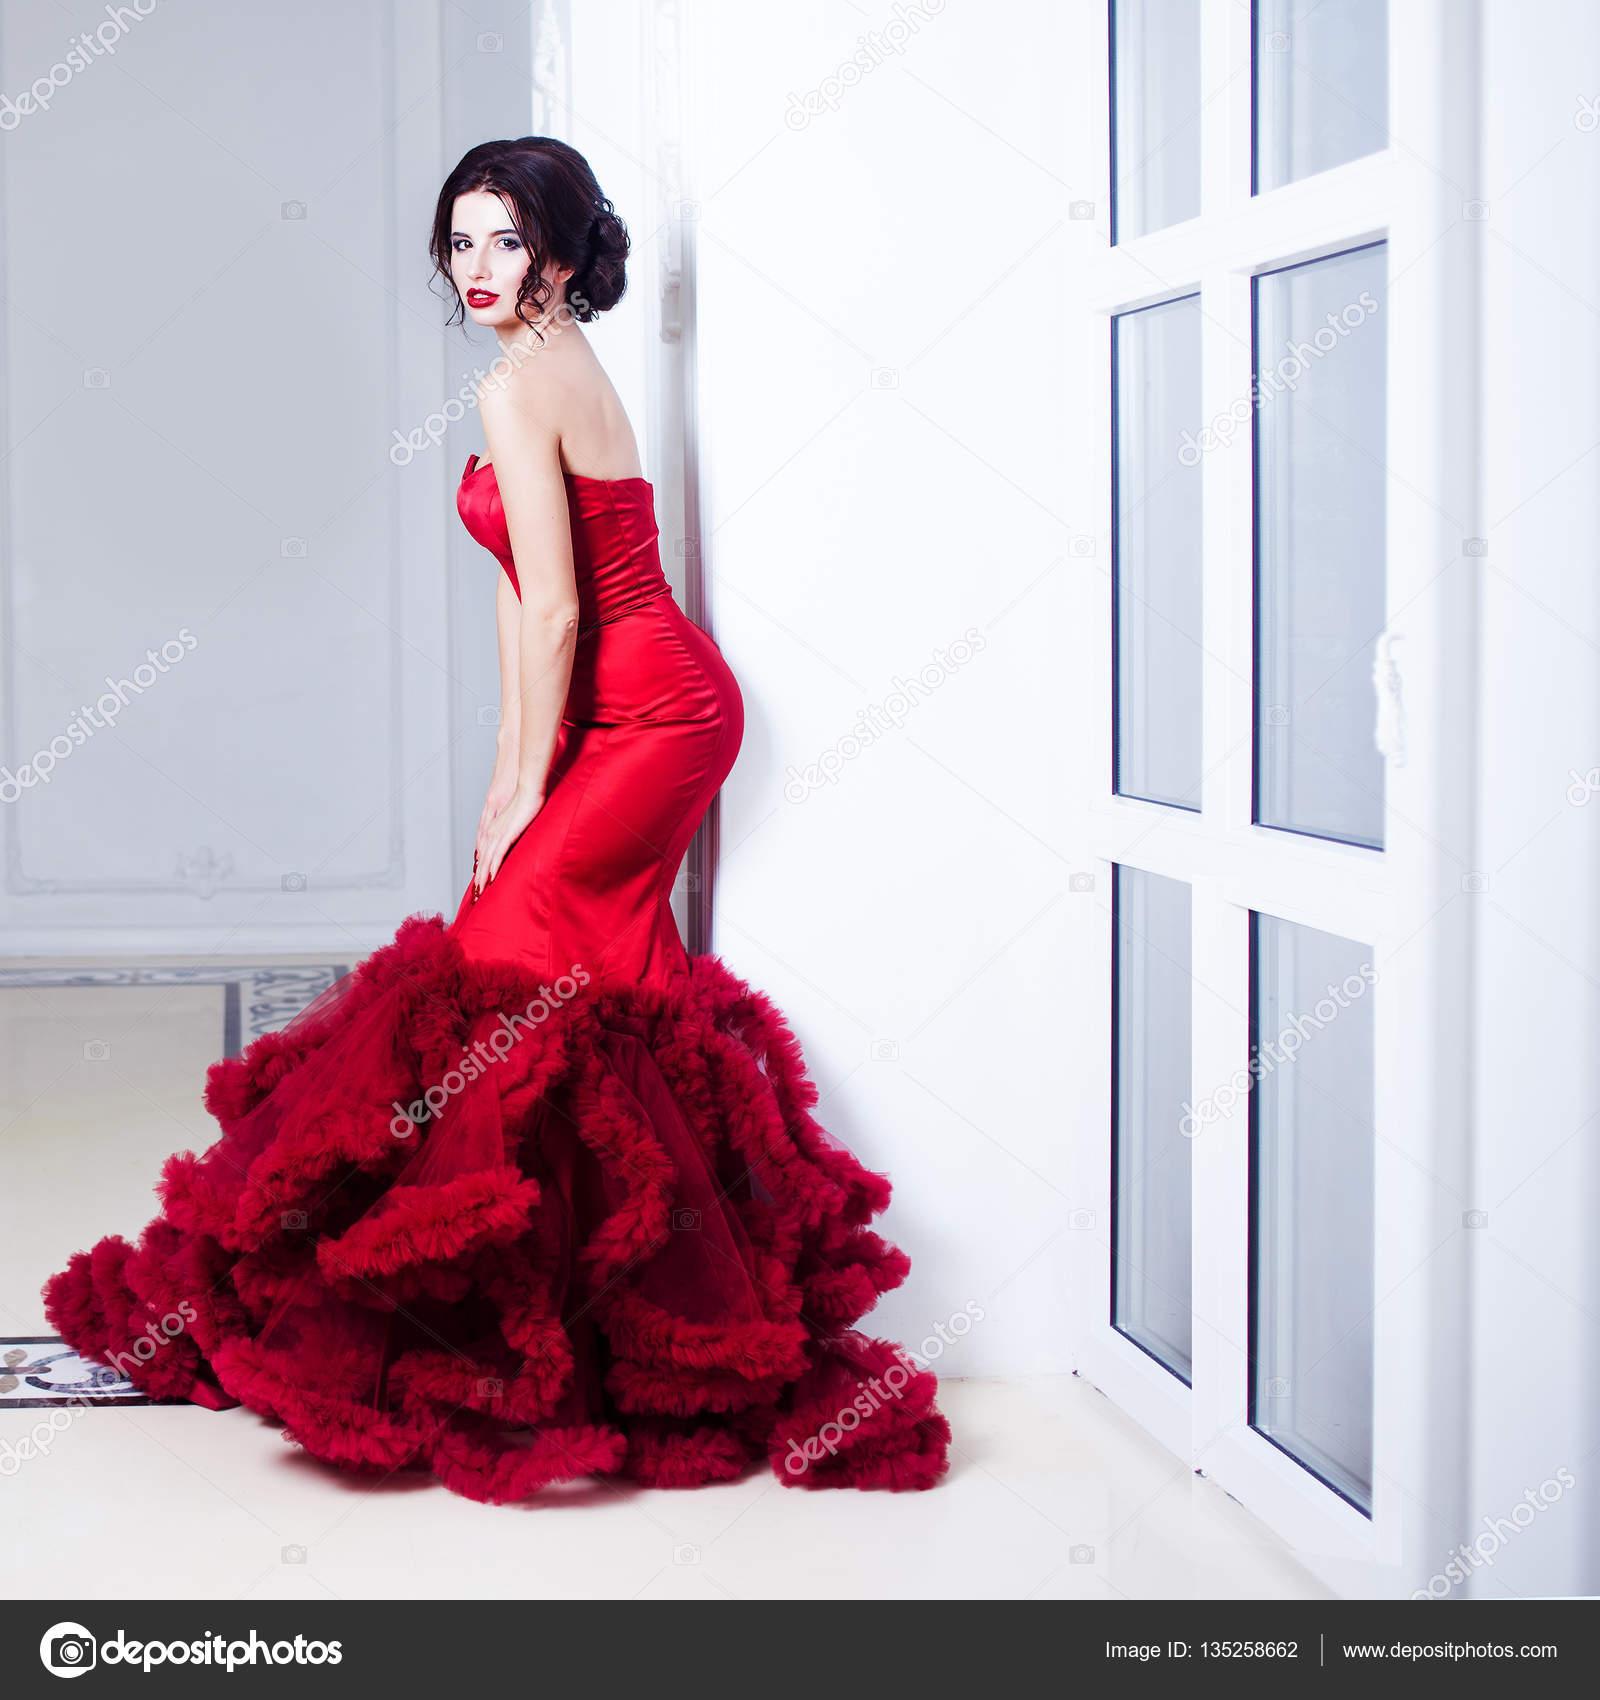 7cd7e272278 Robe de beauté Brunette modèle femme en rouge de la soirée. Belle mode luxe  maquillage et coiffure. Silhouette séduisante. Une jeune fille se tient  près du ...